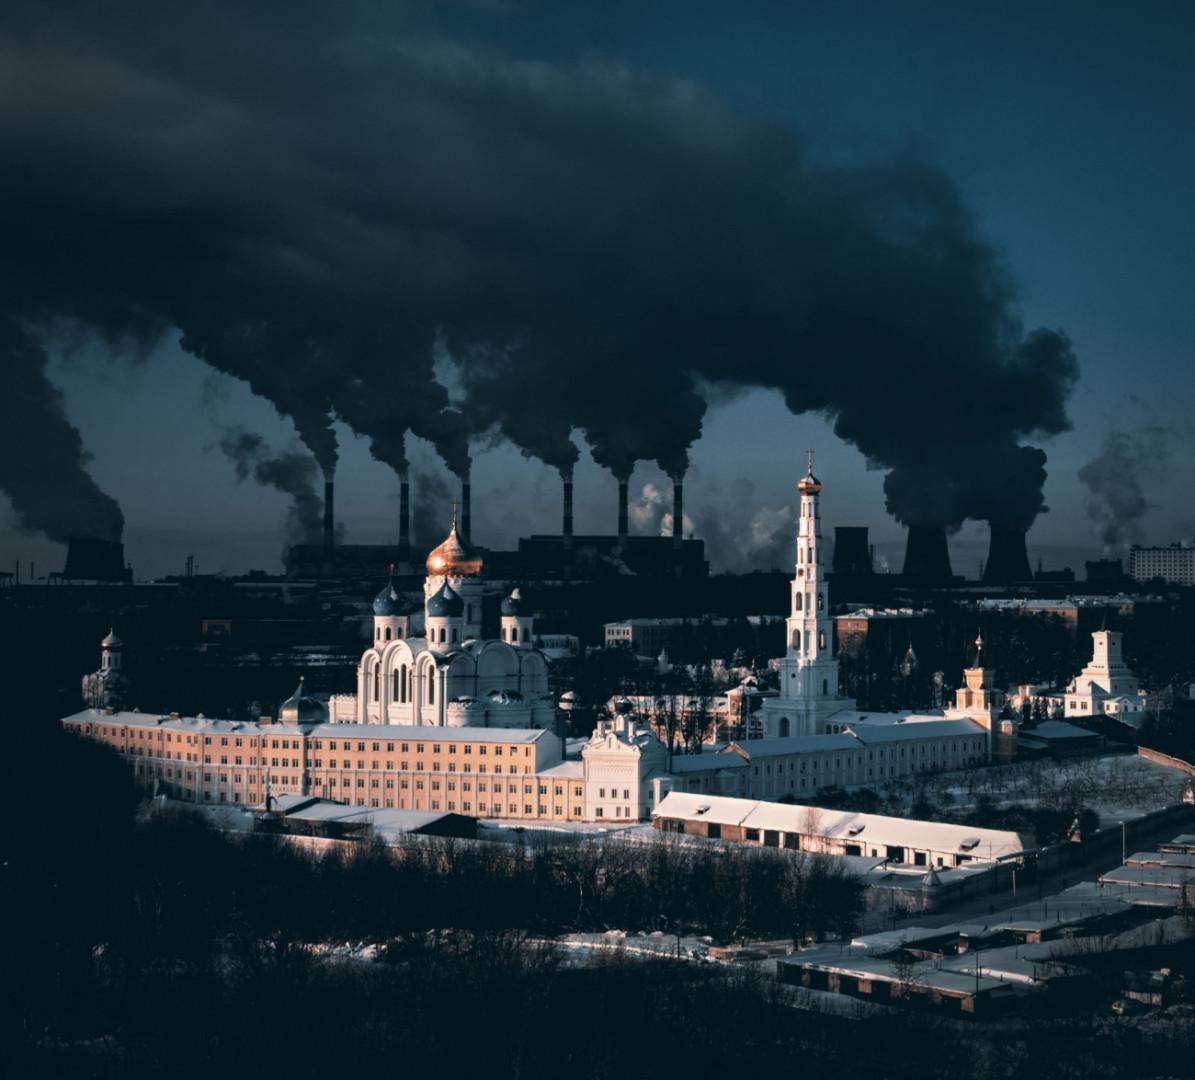 """Déclaration métaphorique sur la ville et l'hiver, 1ière place de la catégorie Urbain. """"Un monastère vieux de 500 ans dans la région de Moscou et une grande centrale électrique en arrière-plan."""""""